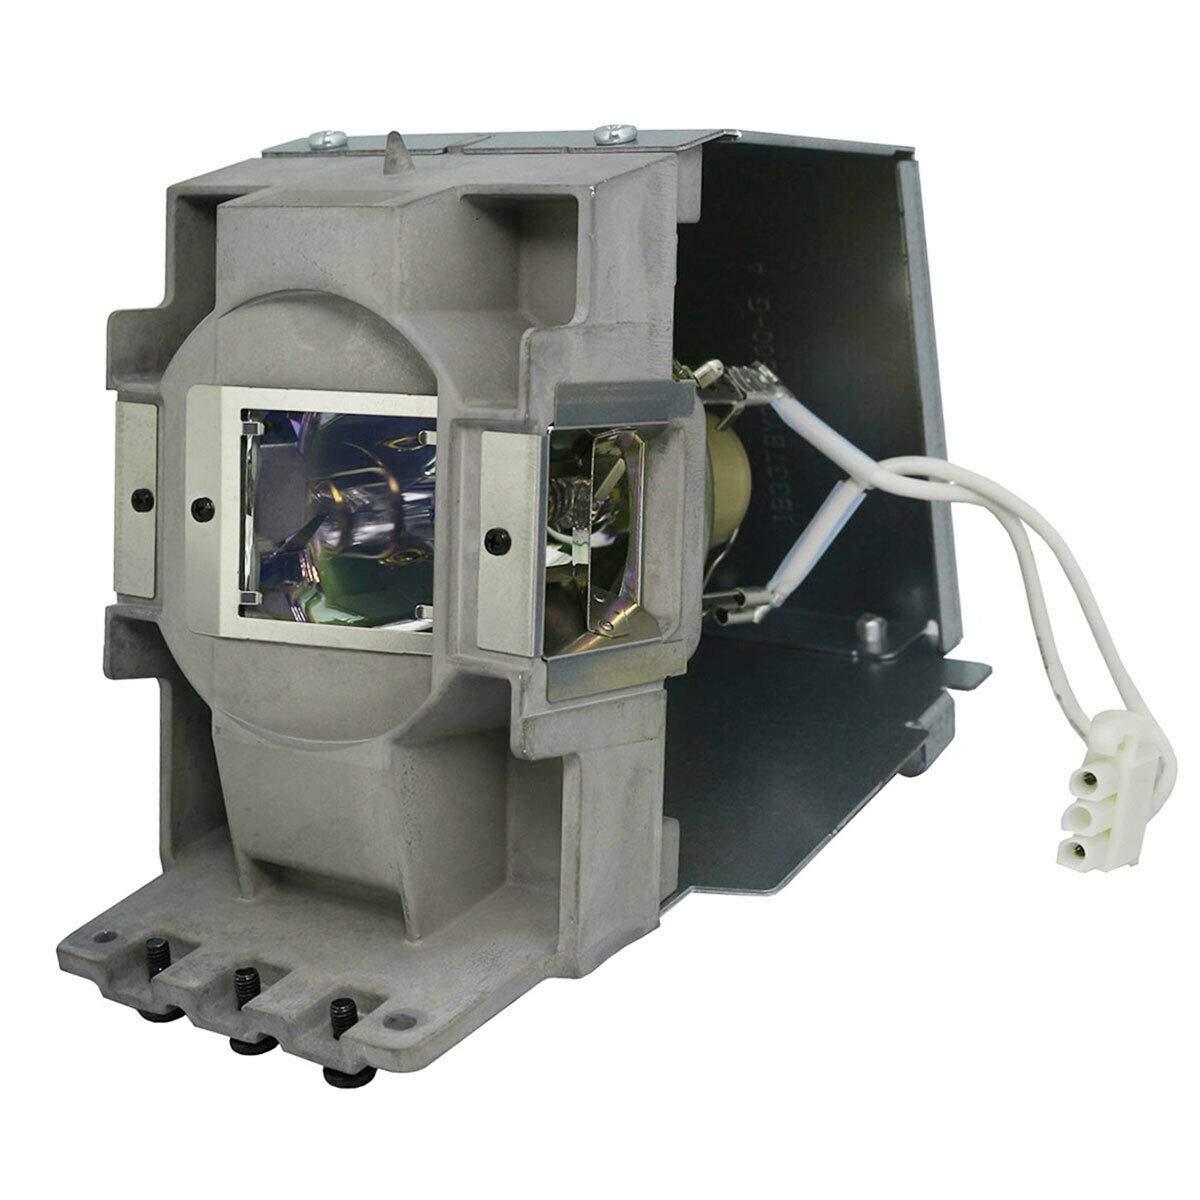 CTLAMP SP-LAMP-096 交換用ランプ ハウジング付き INFOCUS IN5148HDに対応   B07Q7NB733